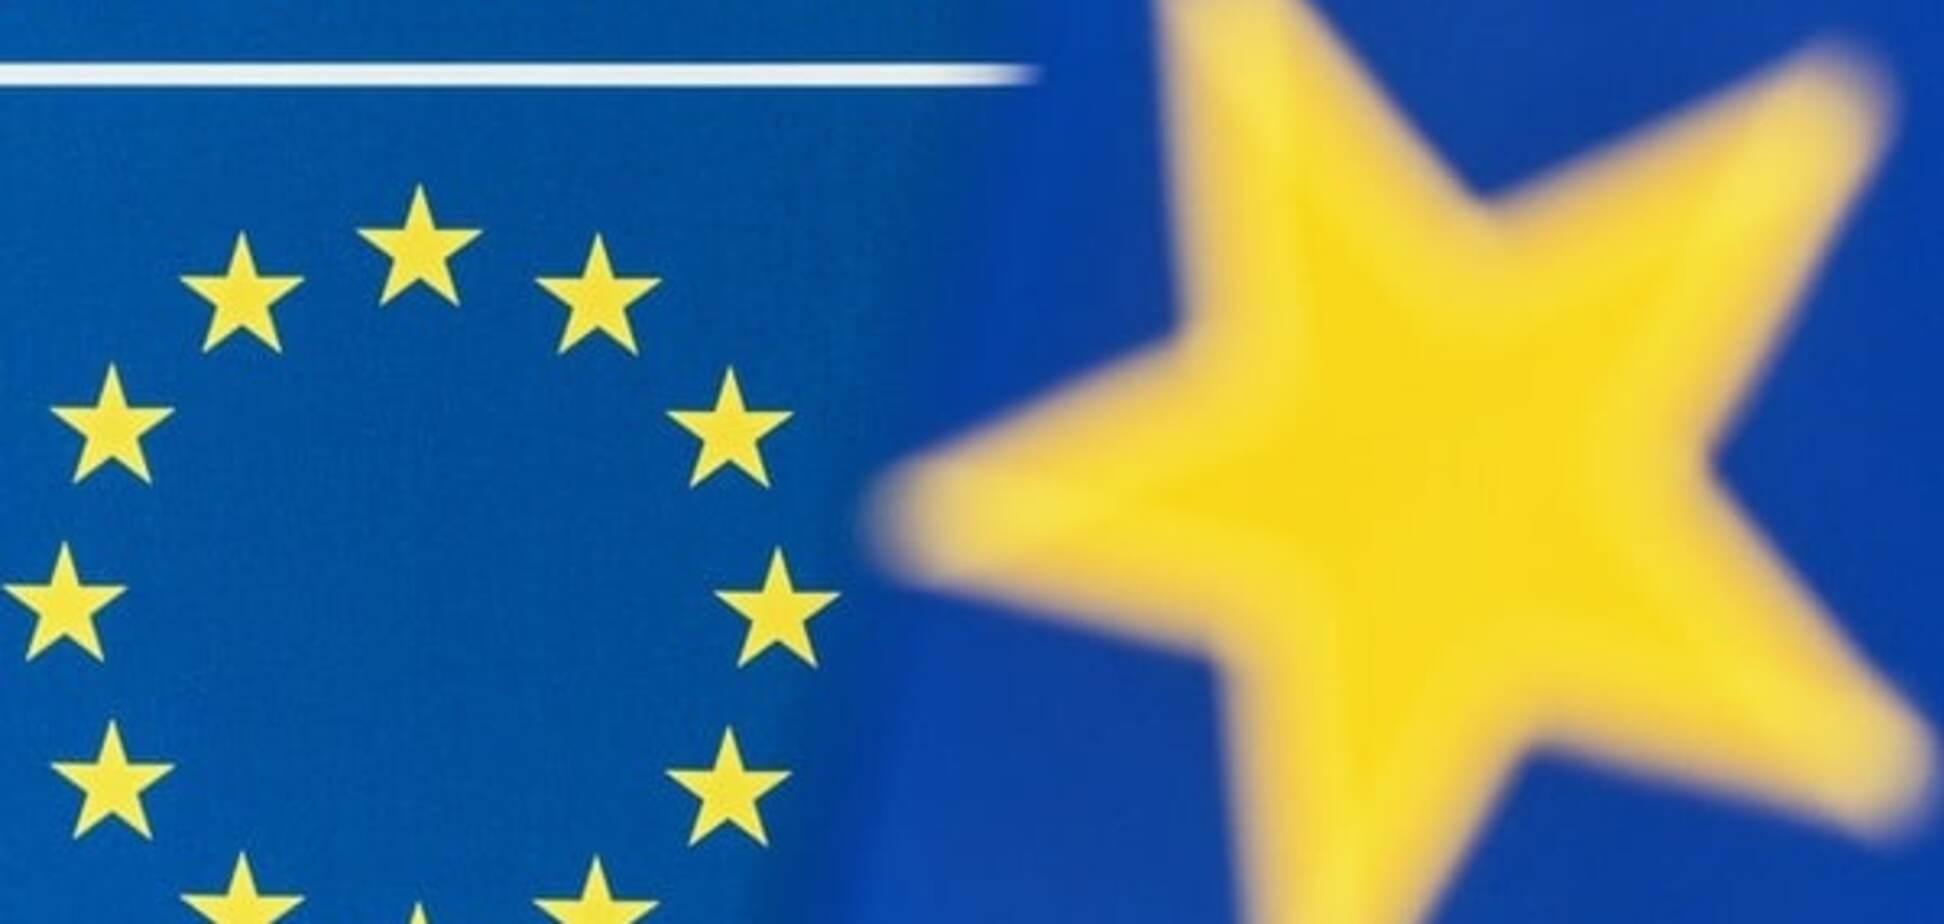 'ЕС непоколебим': Брюссель опубликовал официальное заявление по 'выборам' в Госдуму в Крыму